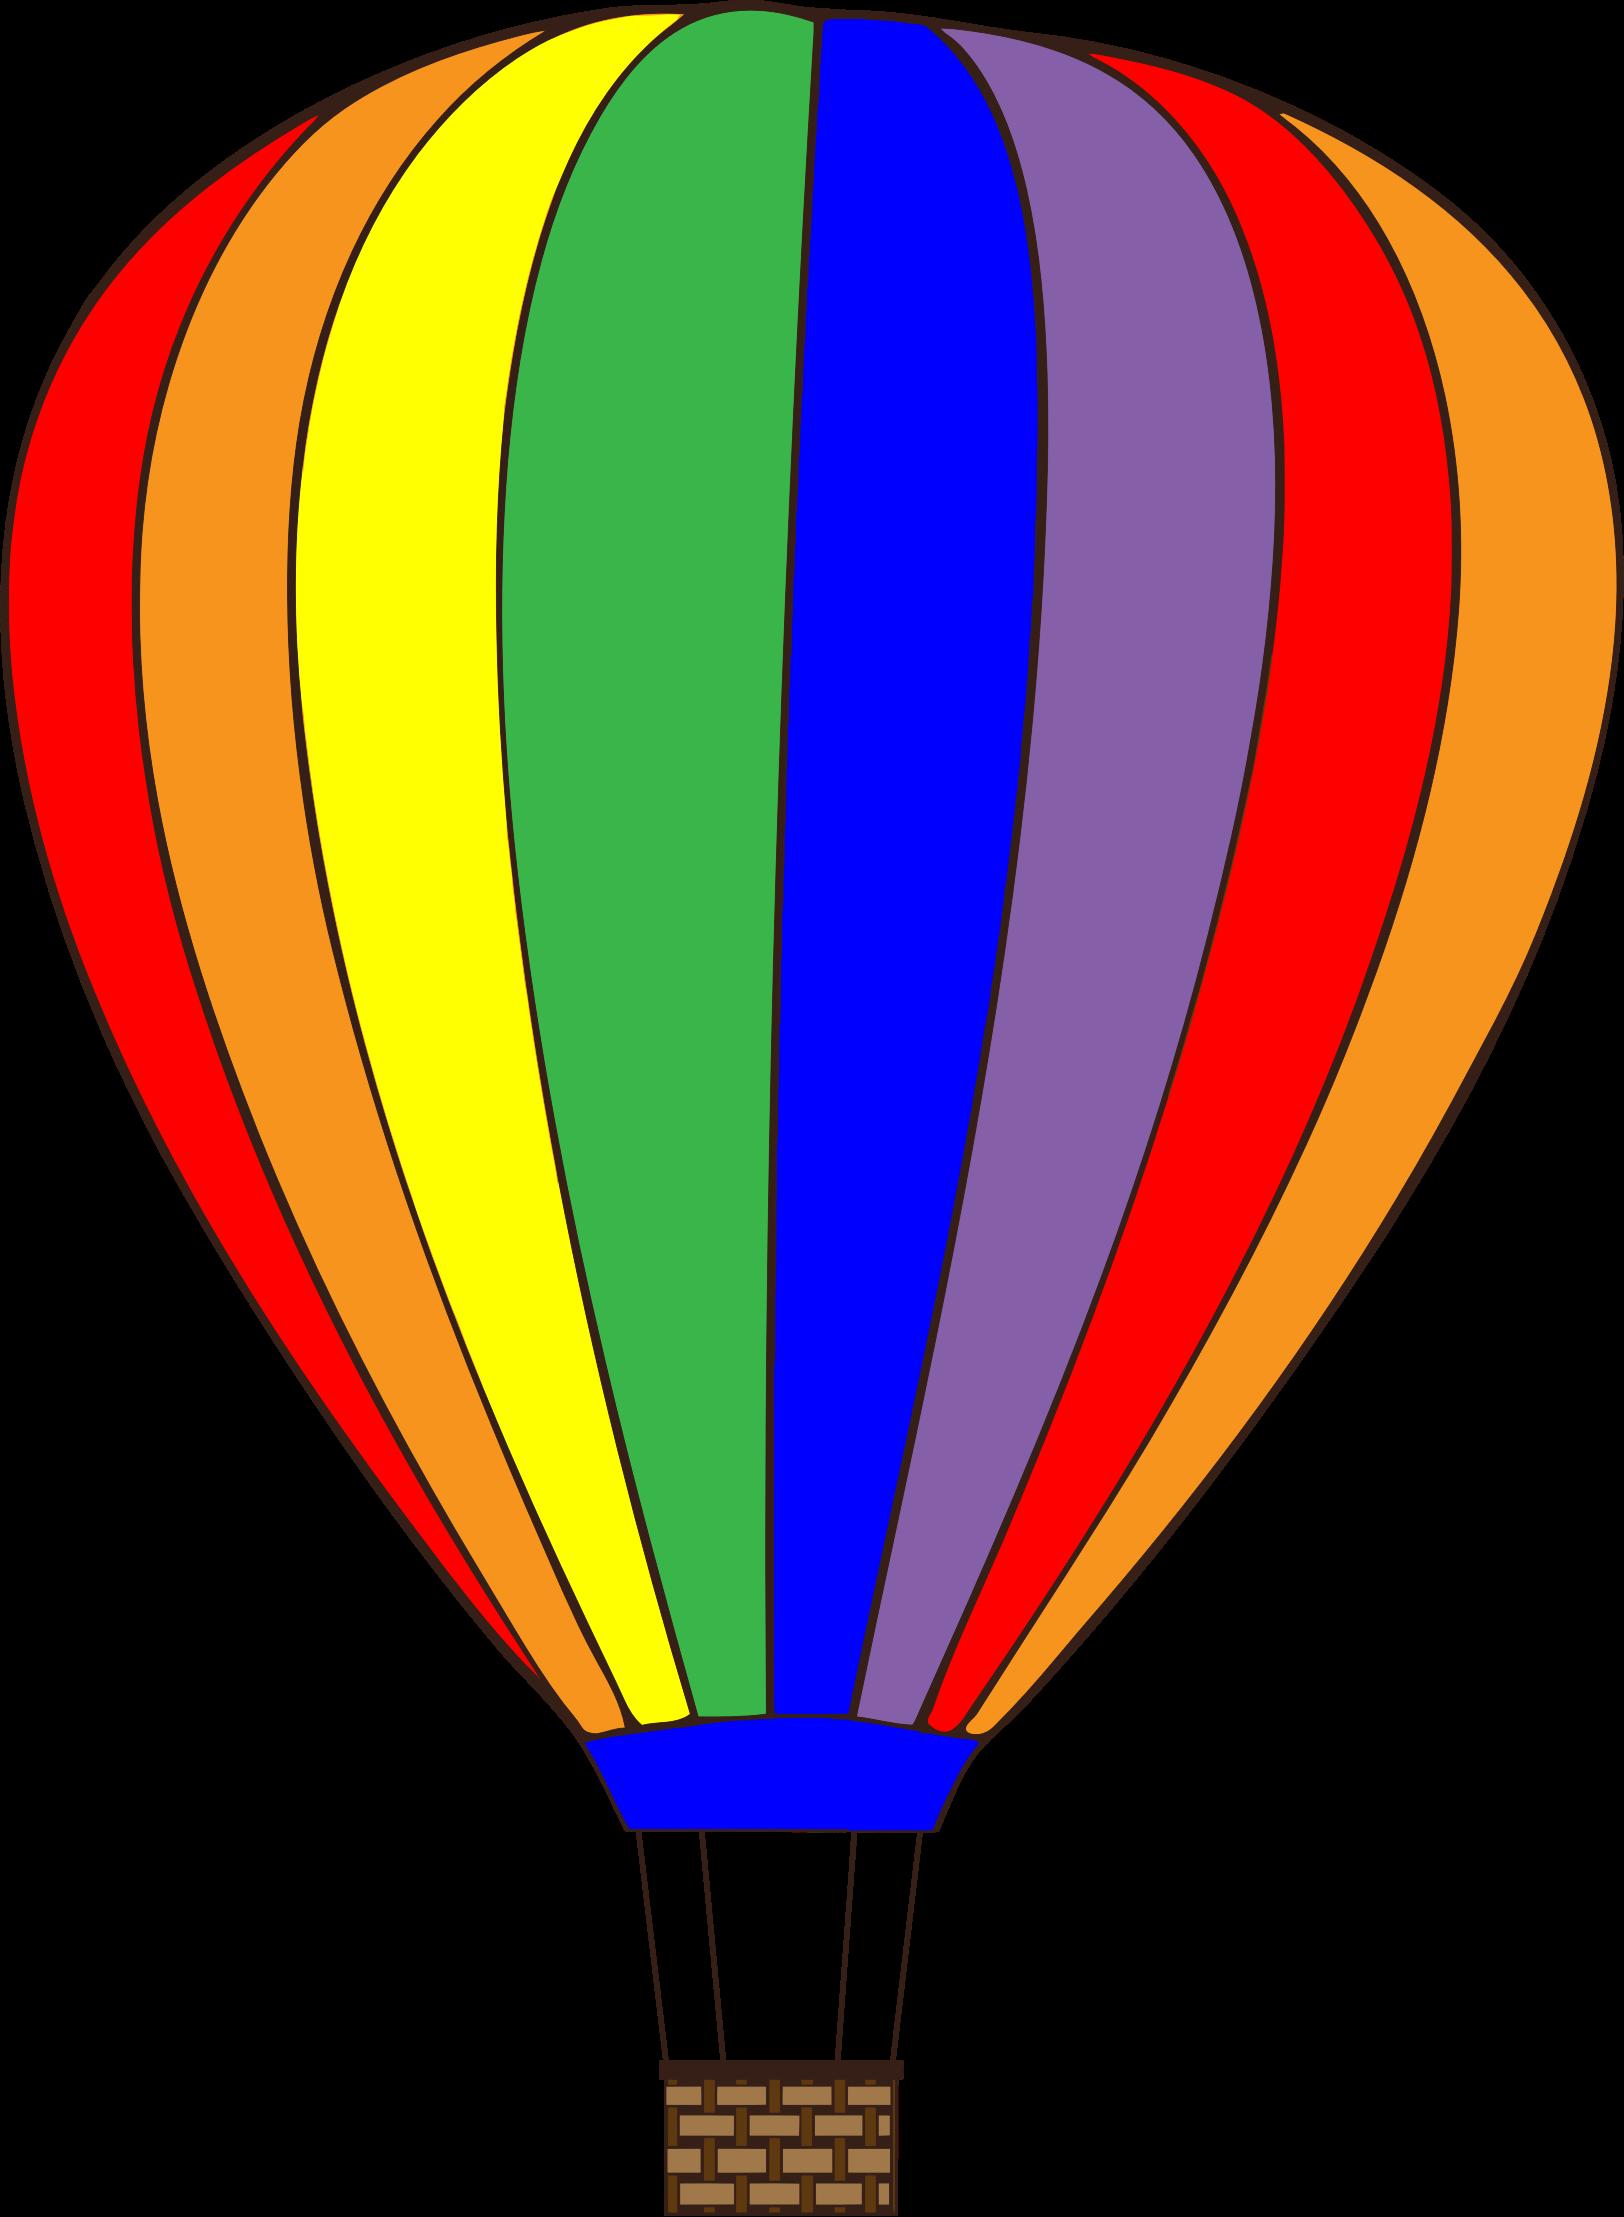 clipart - colorful hot air balloon